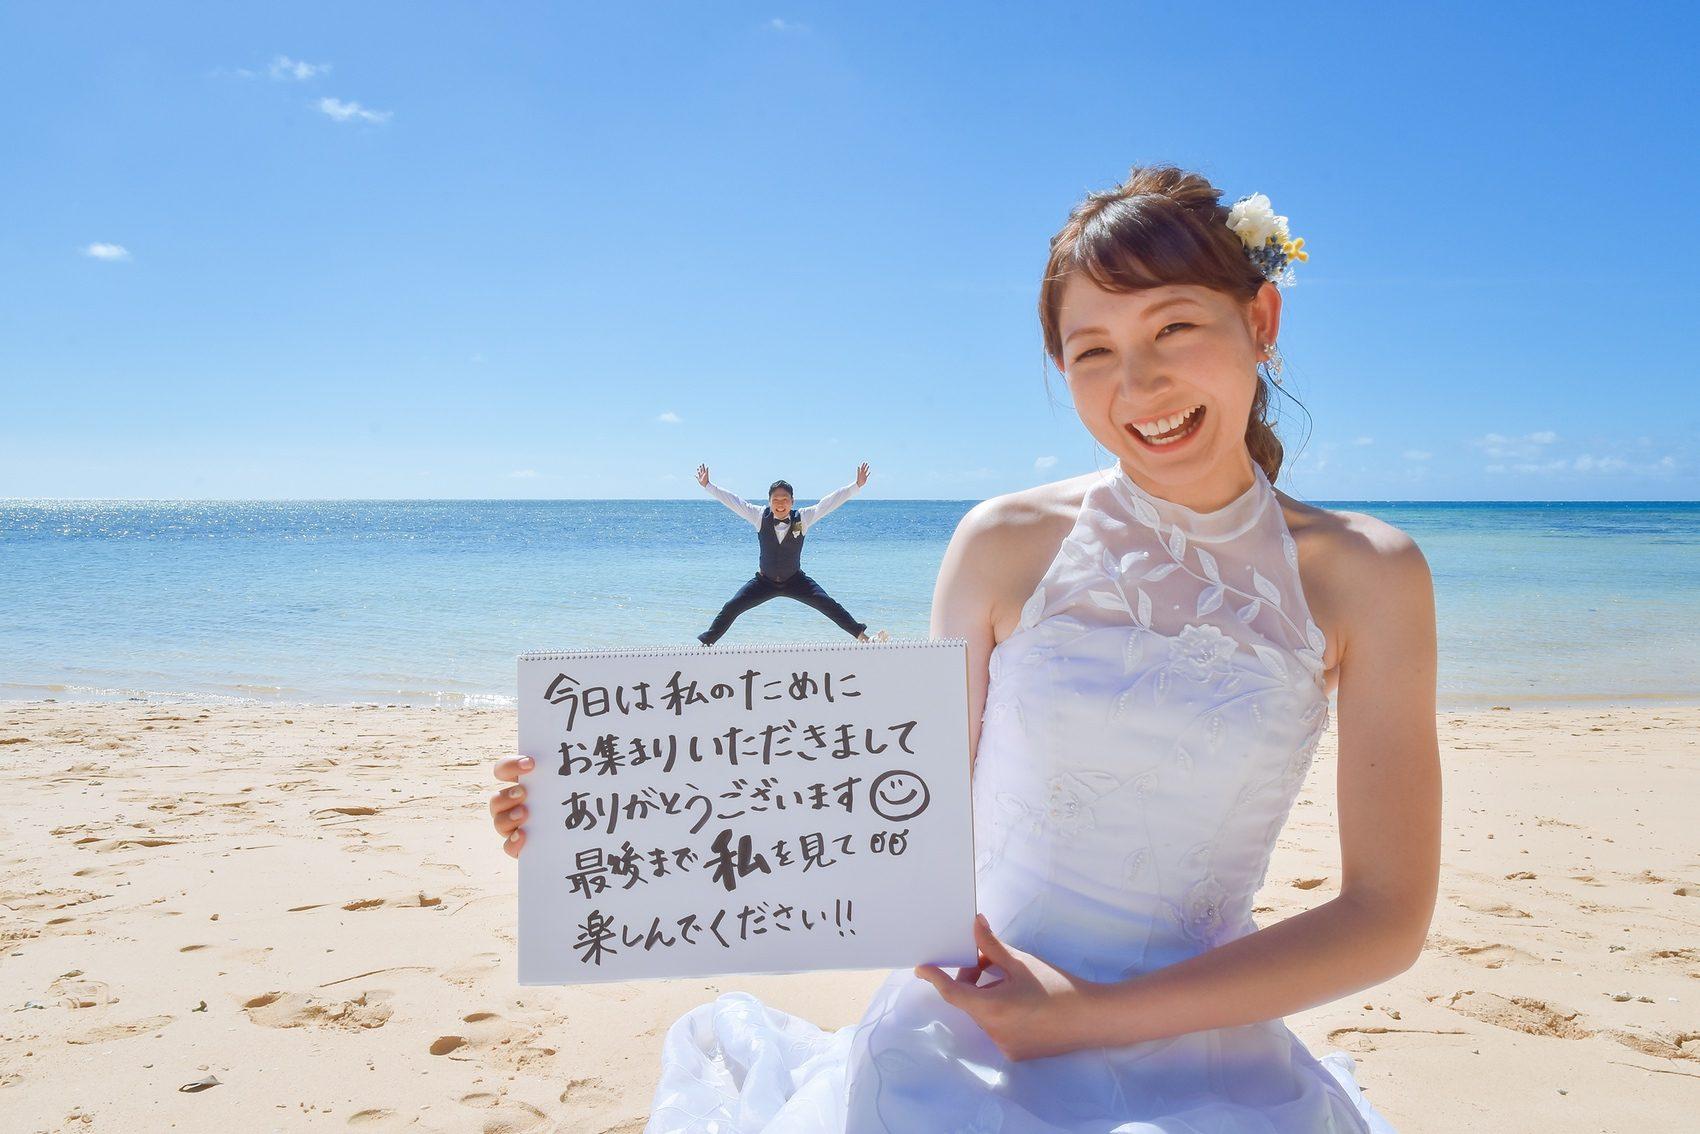 結婚式のムービー素材